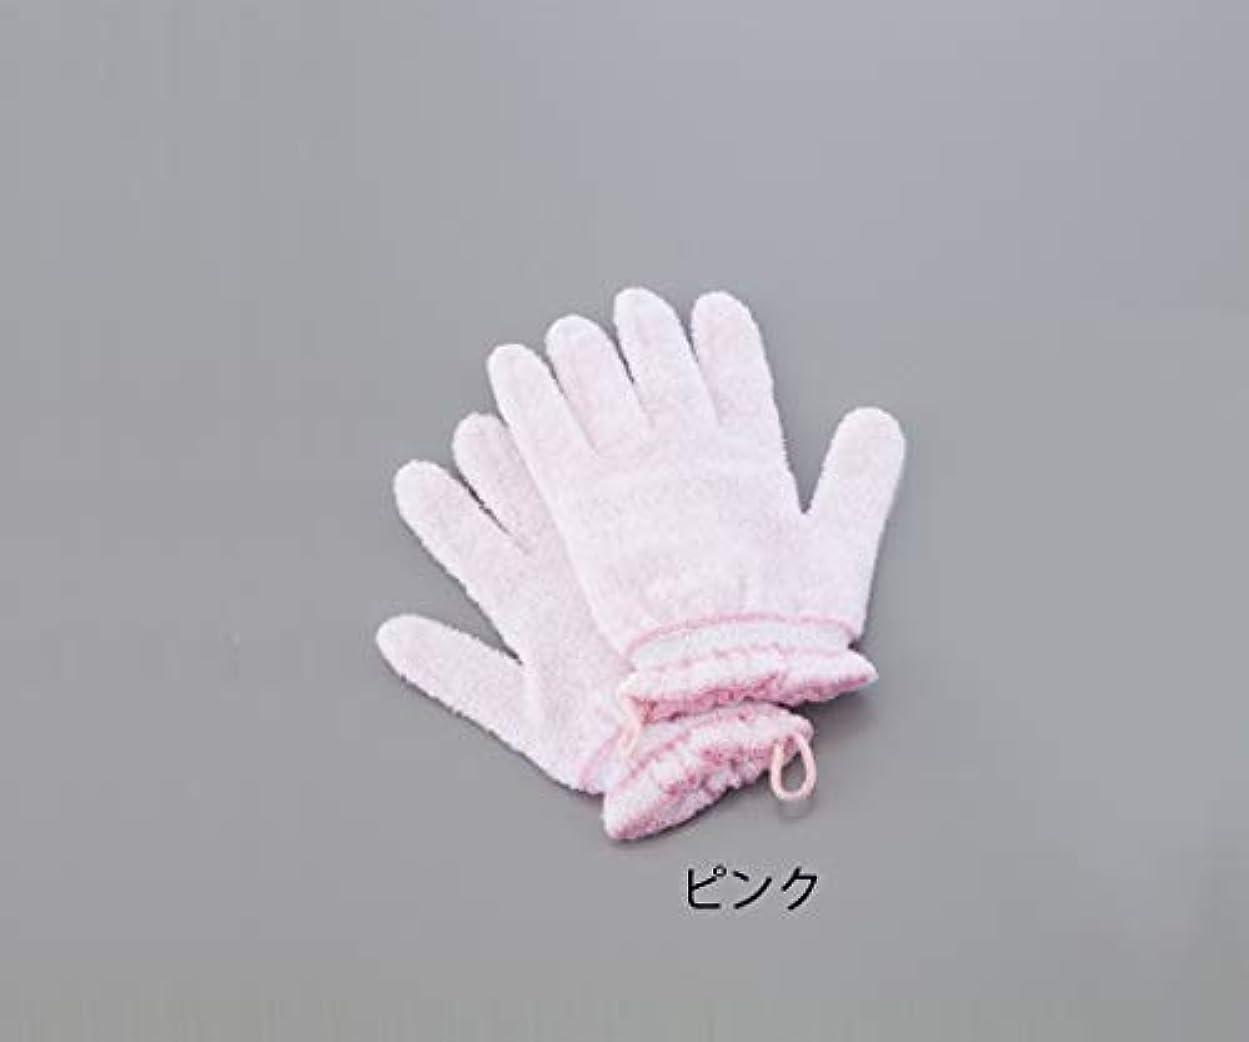 薬理学安定証言する0-4015-01浴用手袋(やさしい手)ピンク